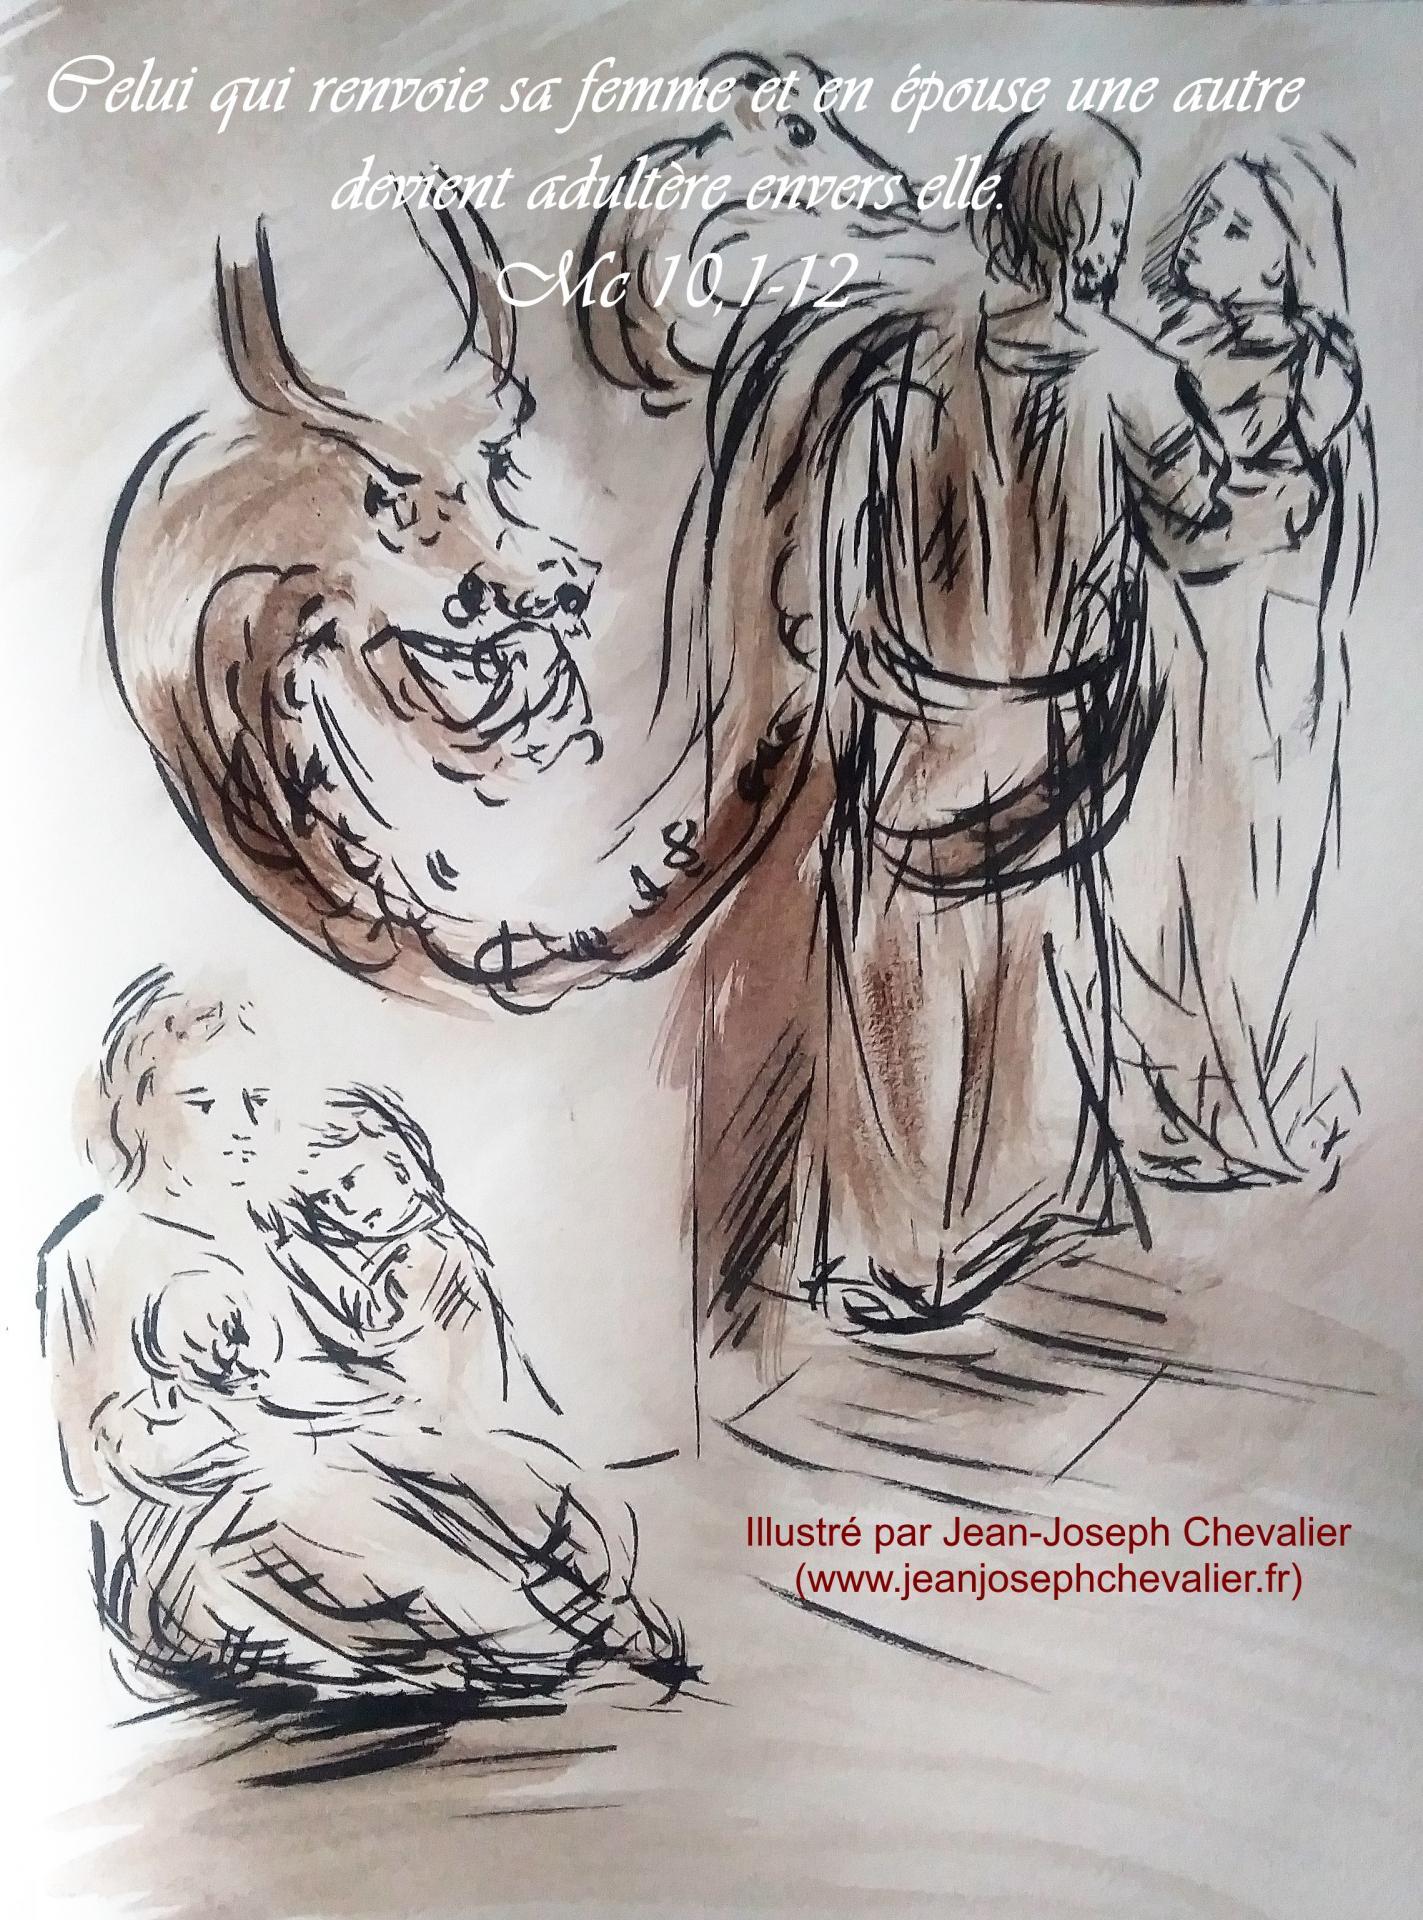 25 Mai 2018, évangile du jour illustré par un dessin au lavis